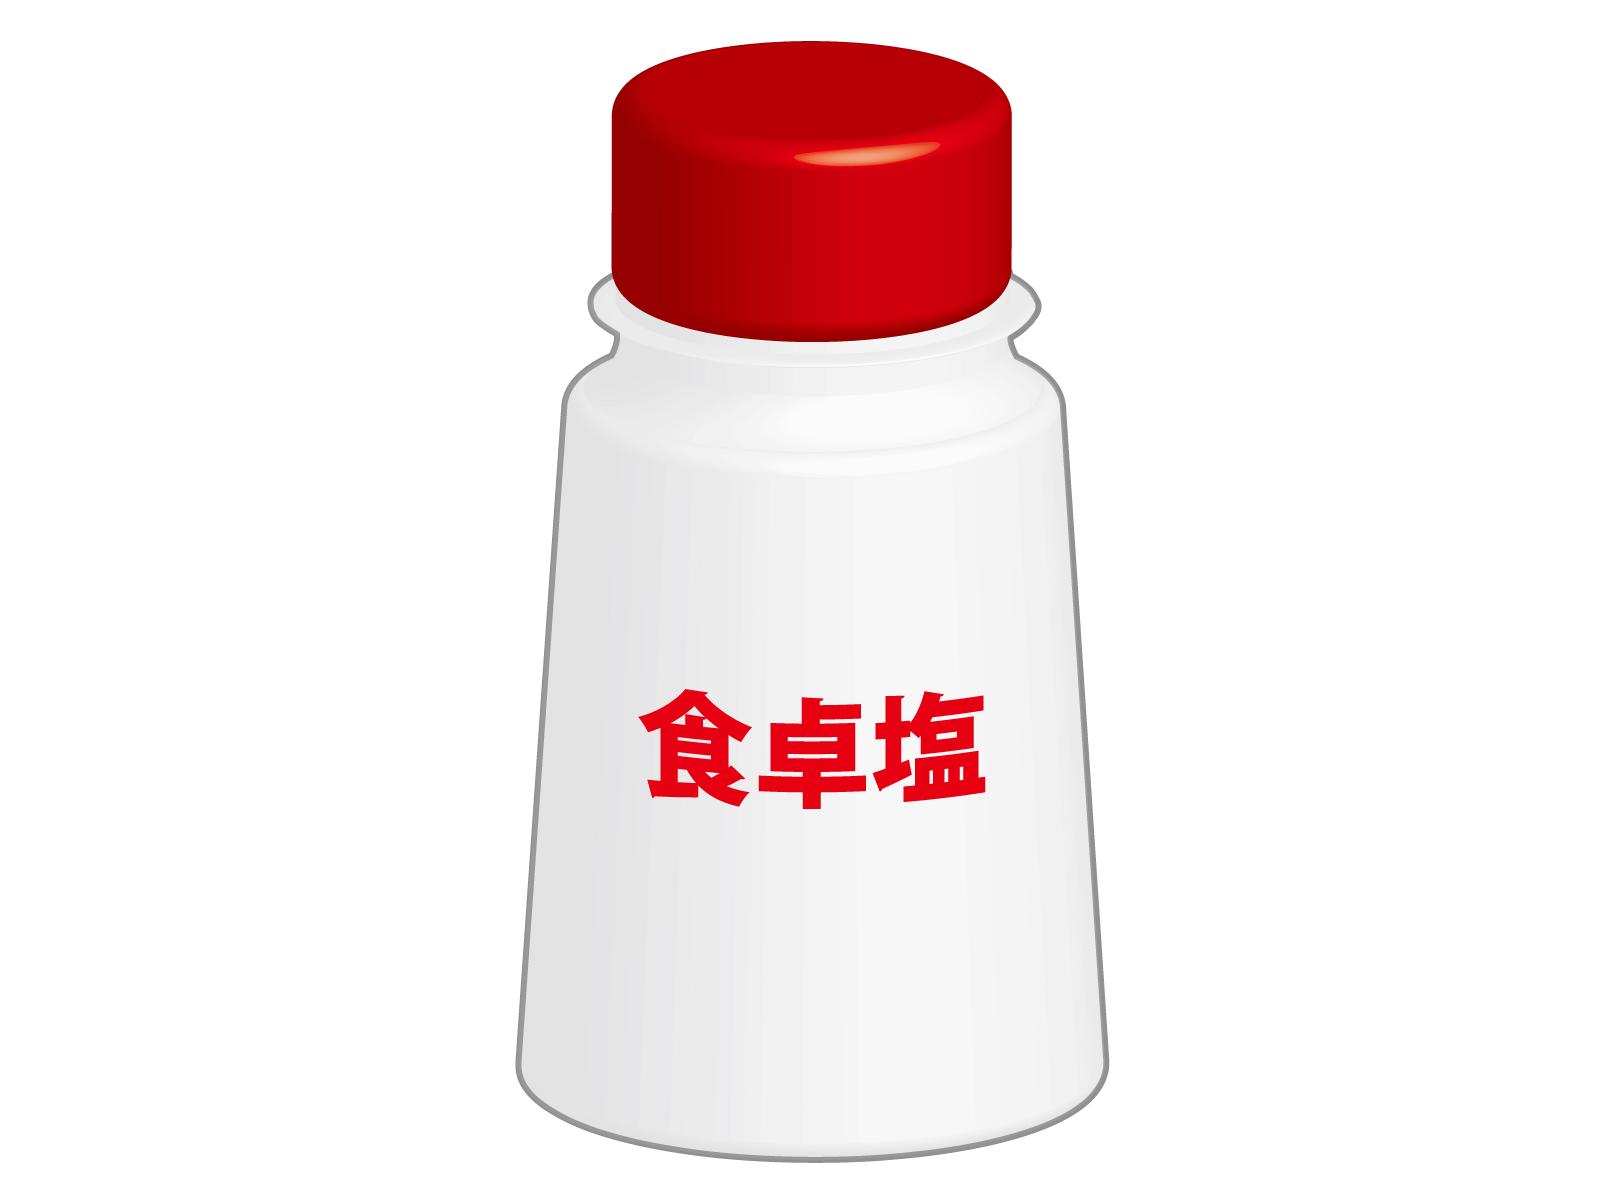 ナトリウムを主成分とし過剰摂取が問題視されている食塩のイラスト